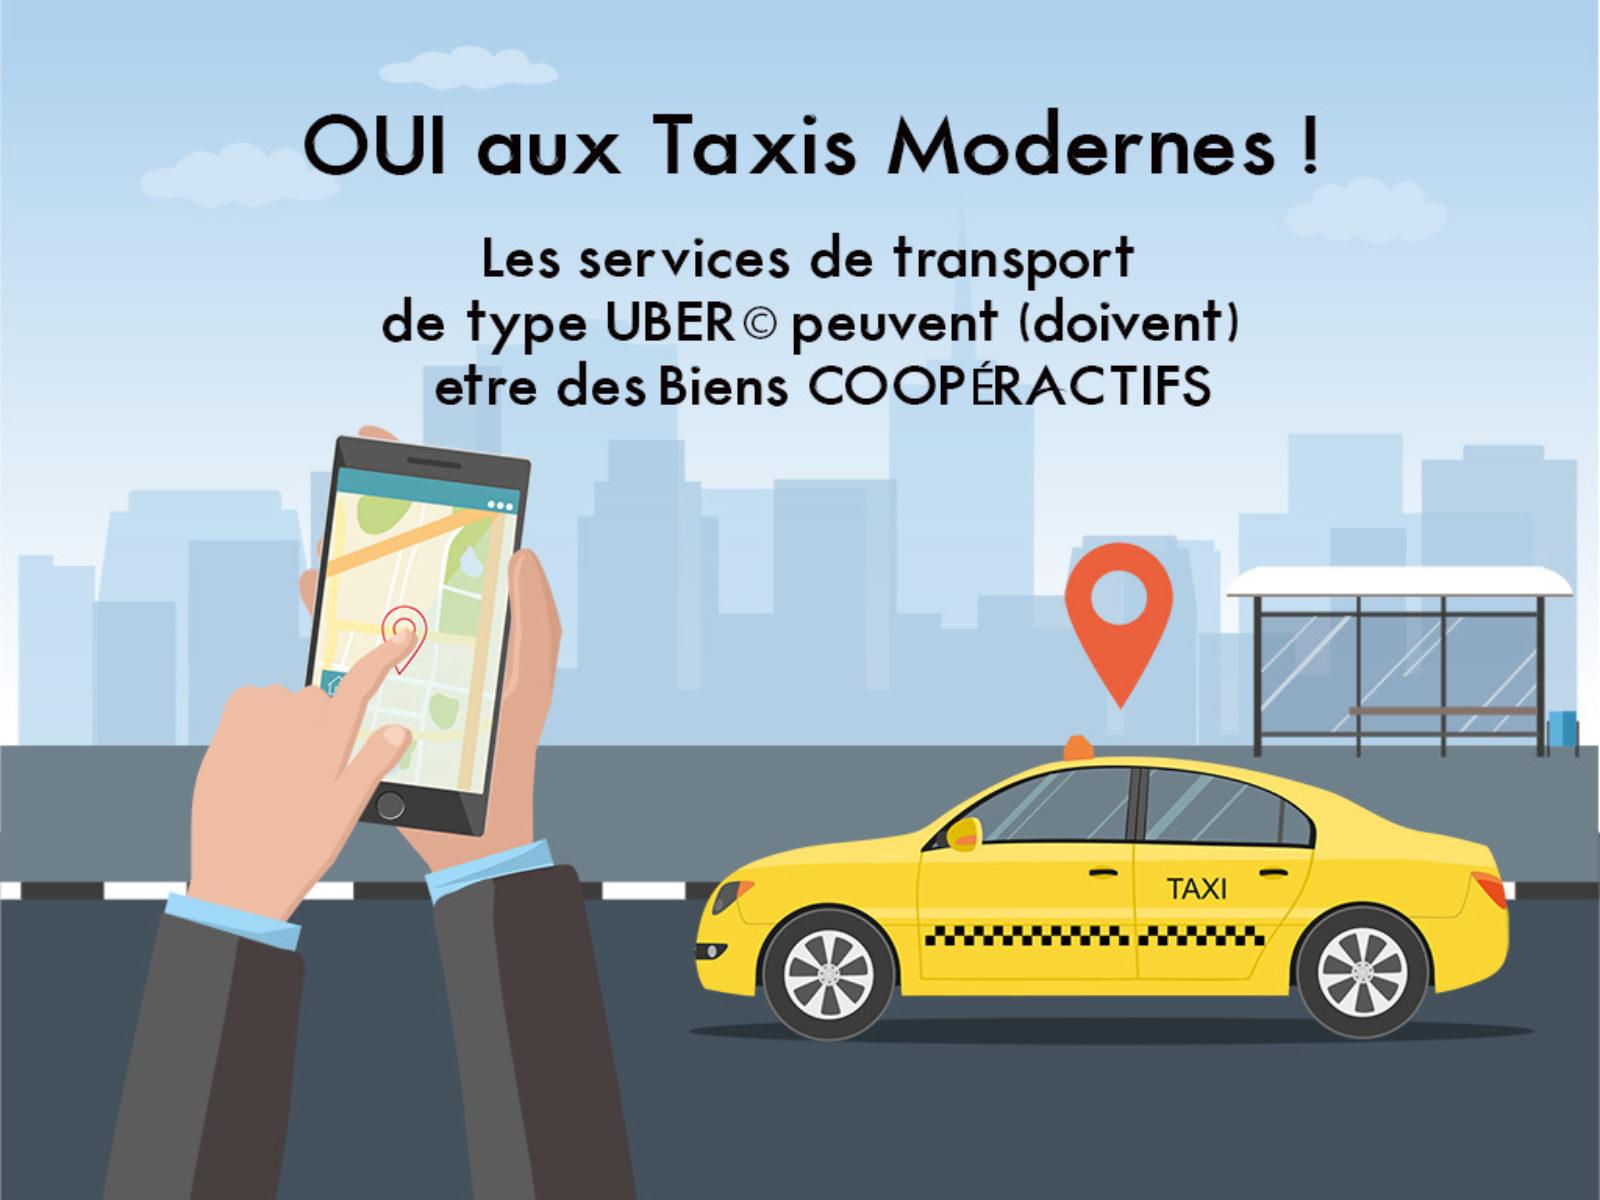 Taxi_service_Coopéractif_FR_@medvedevadesign_w1924